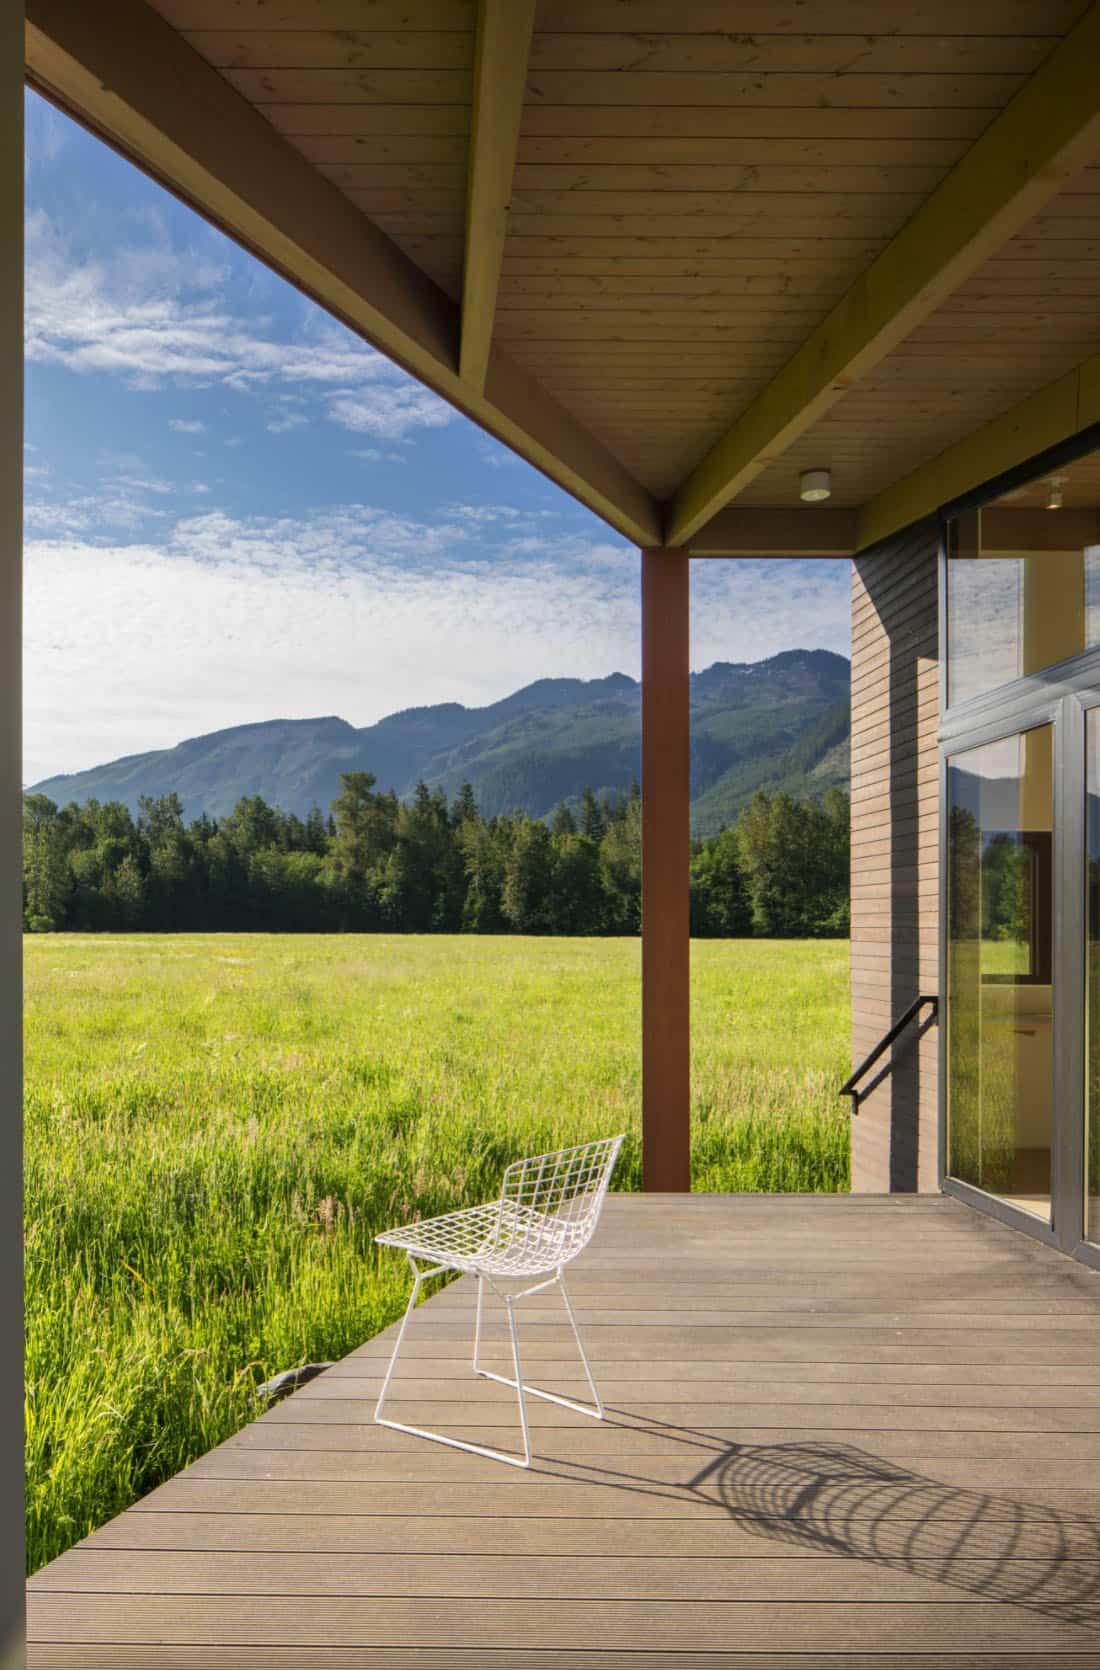 porche-extérieur du milieu du siècle avec vue